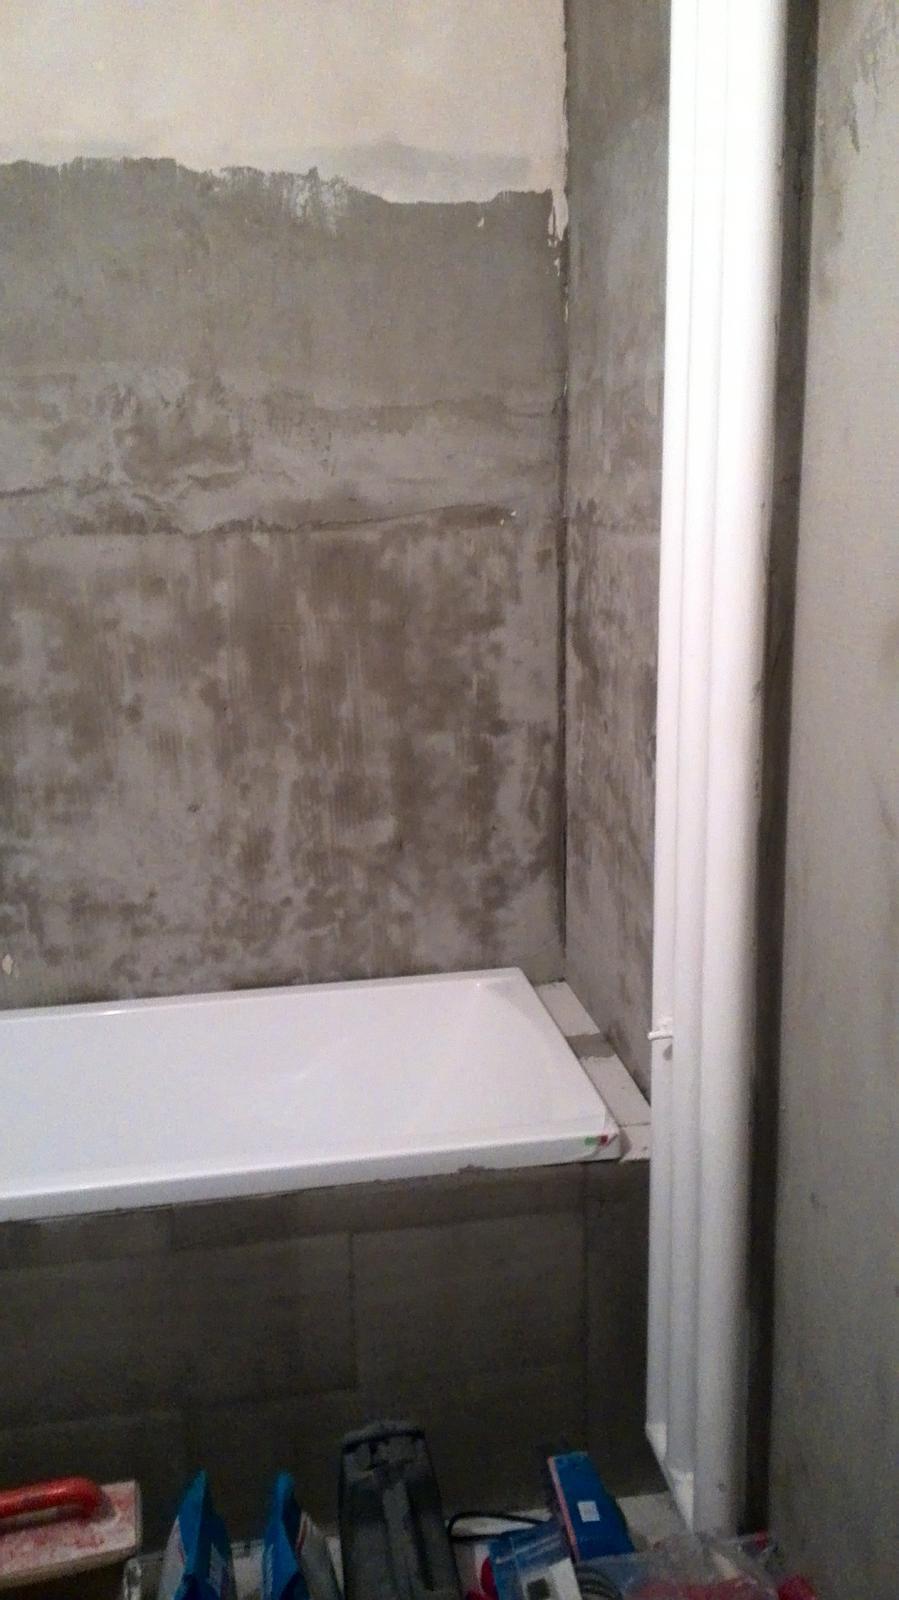 Rekonstrukce koupelny - naše nová vana :-) už se těším až bude hotovo a lehnu si do ní :-D